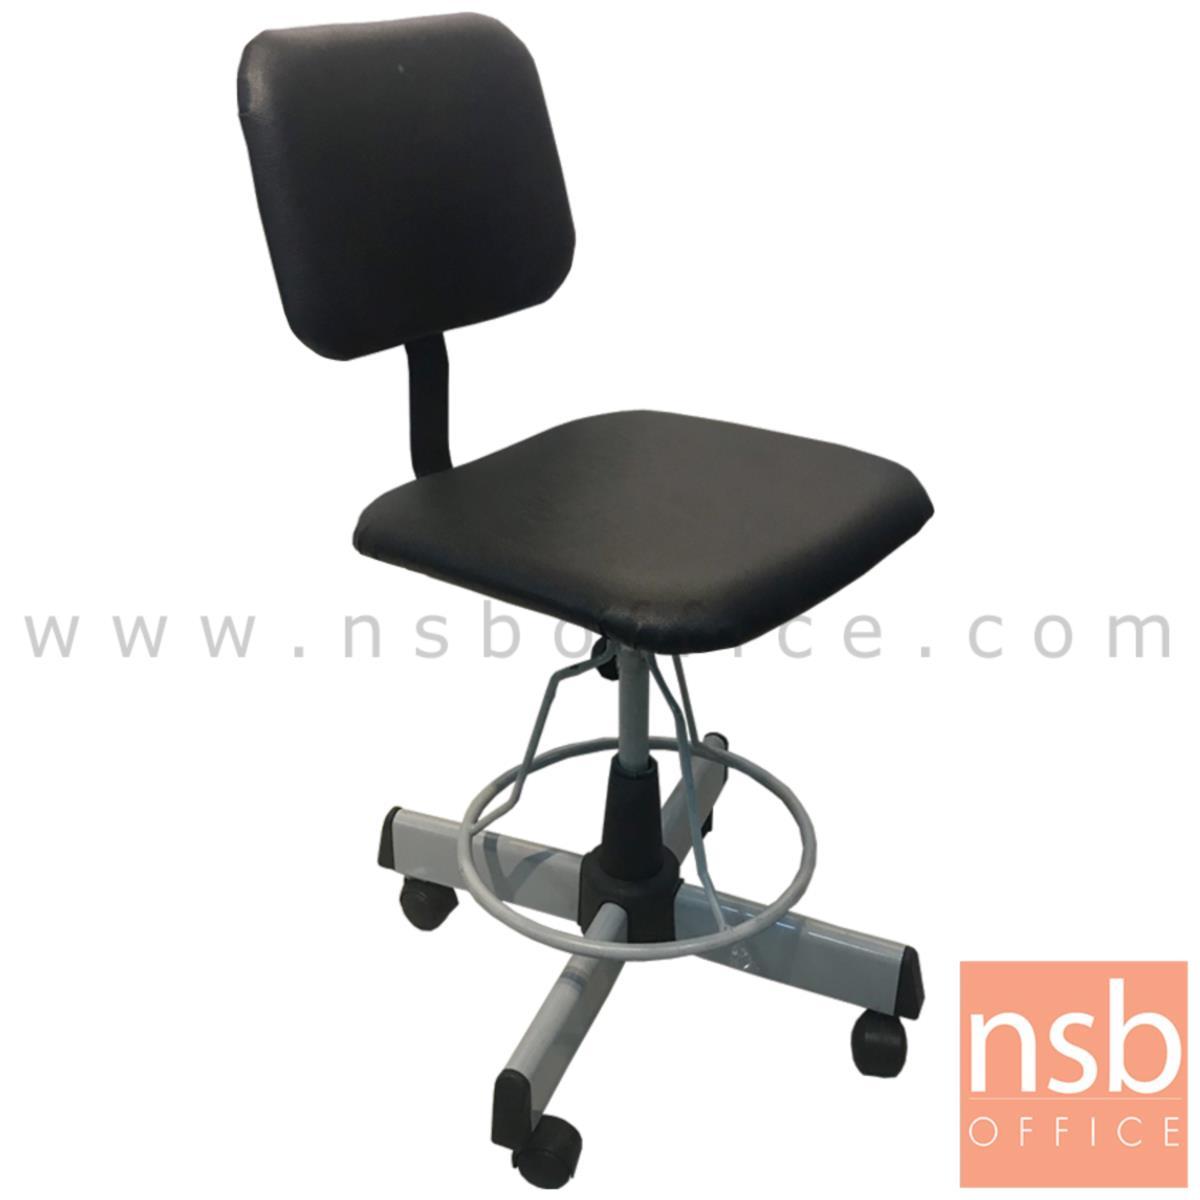 B14A120:เก้าอี้บาร์ที่นั่งเหลี่ยมล้อเลื่อน รุ่น Jacintha (จาซินธ่า)  ขาเหล็ก 4 แฉก